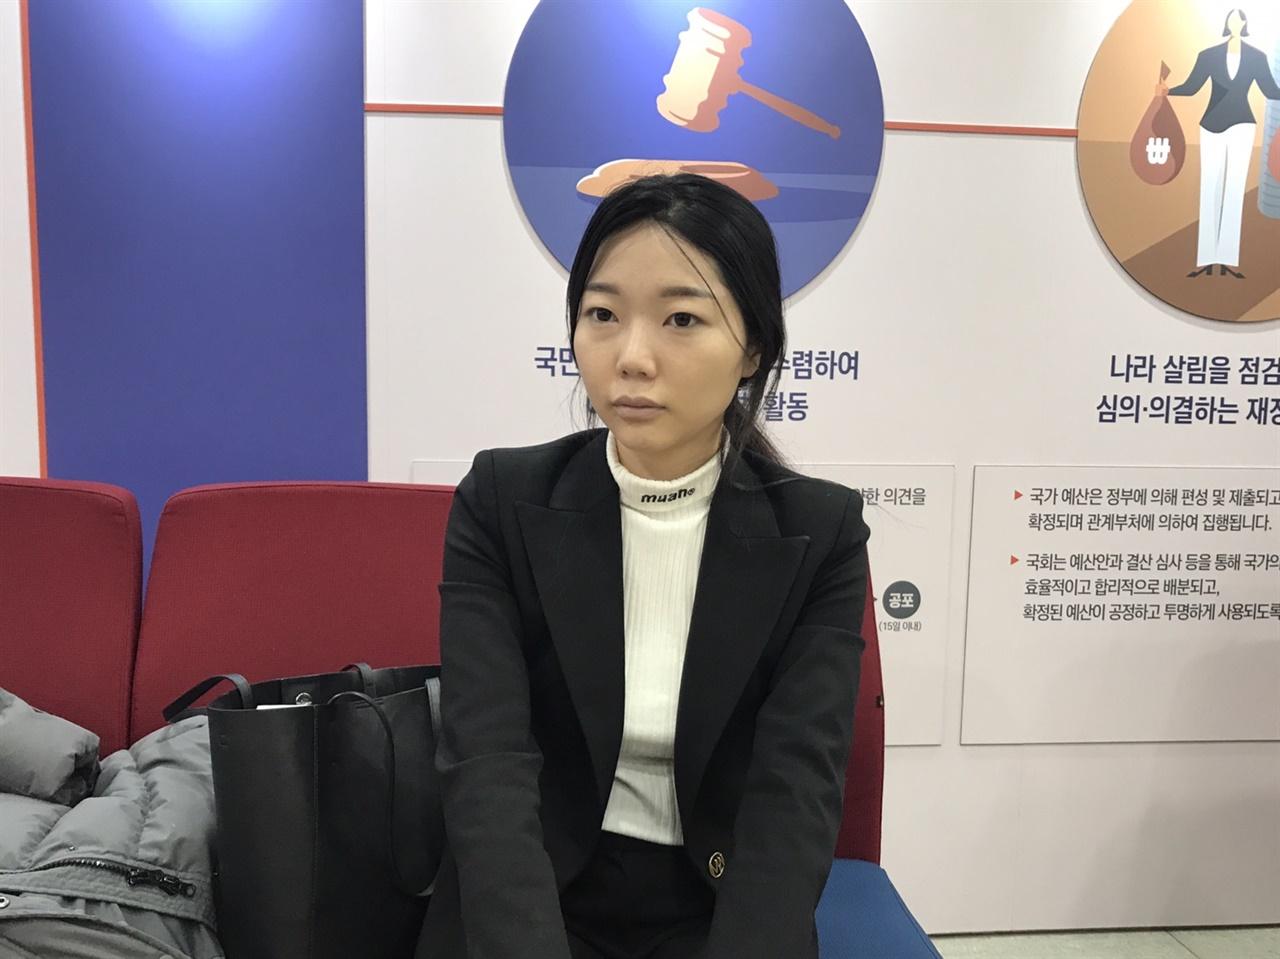 강민진 정의당 청년 대변인